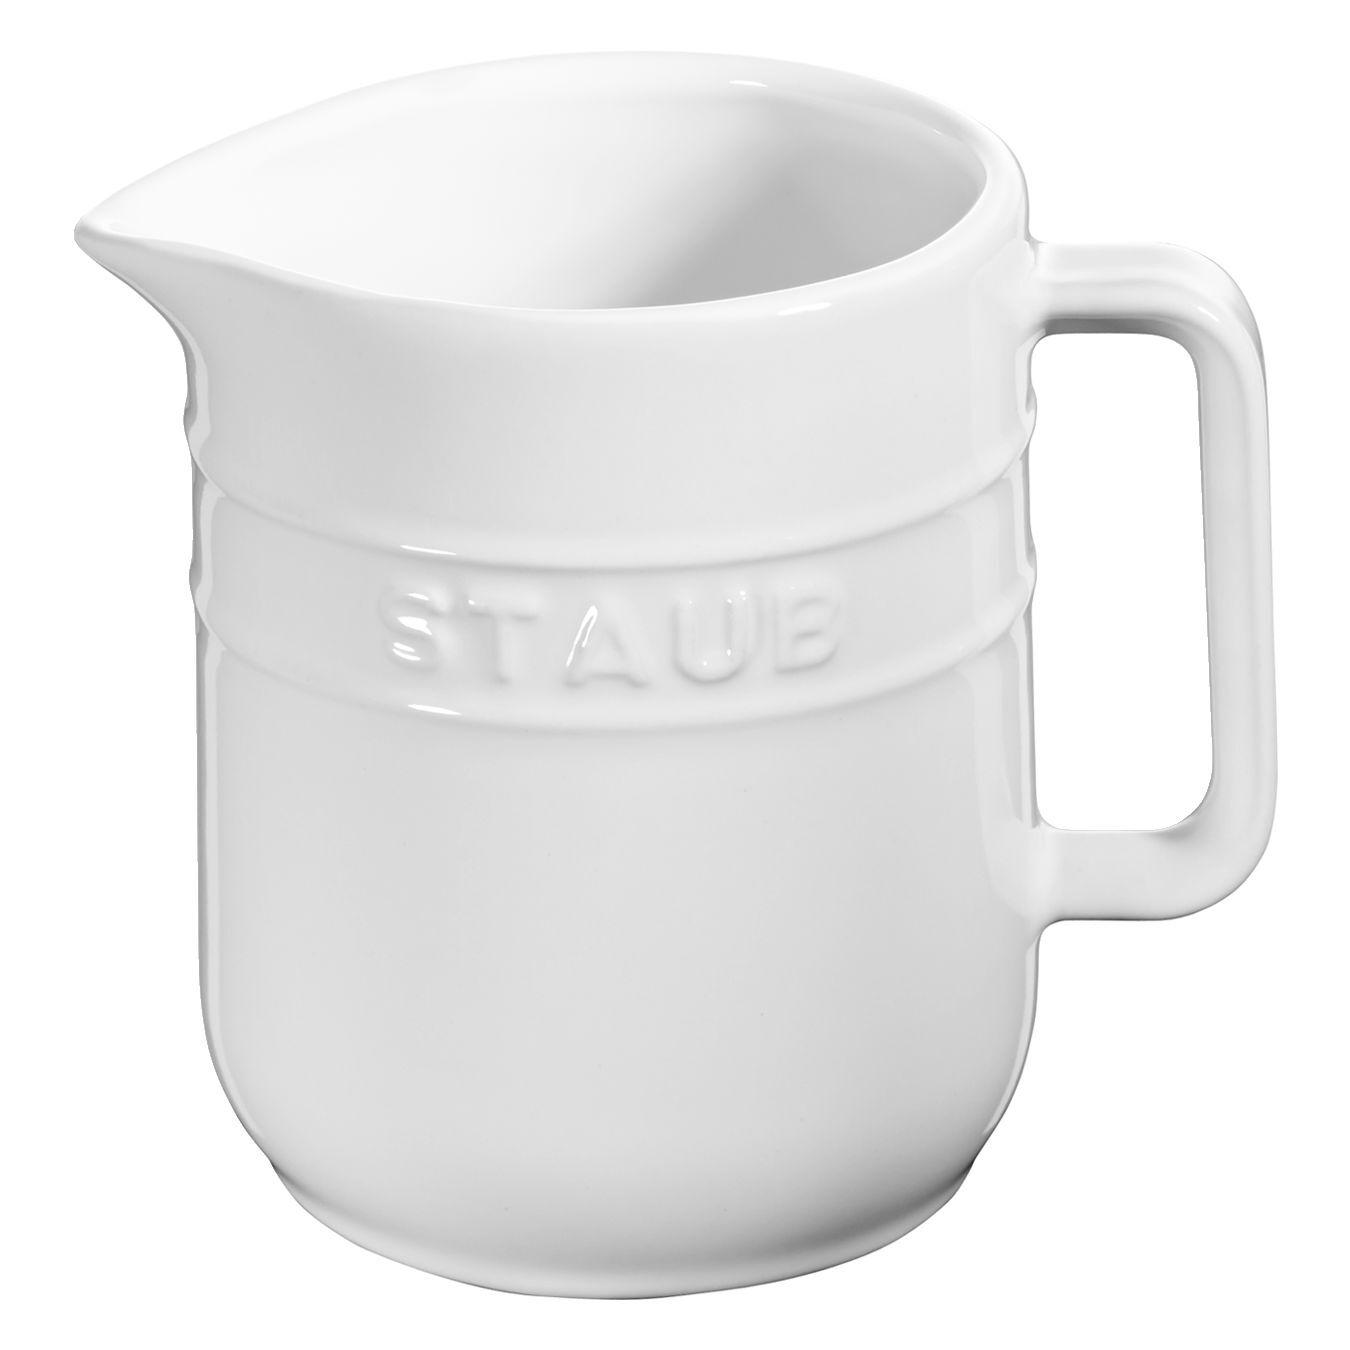 Pichet 250 ml, Céramique,,large 1